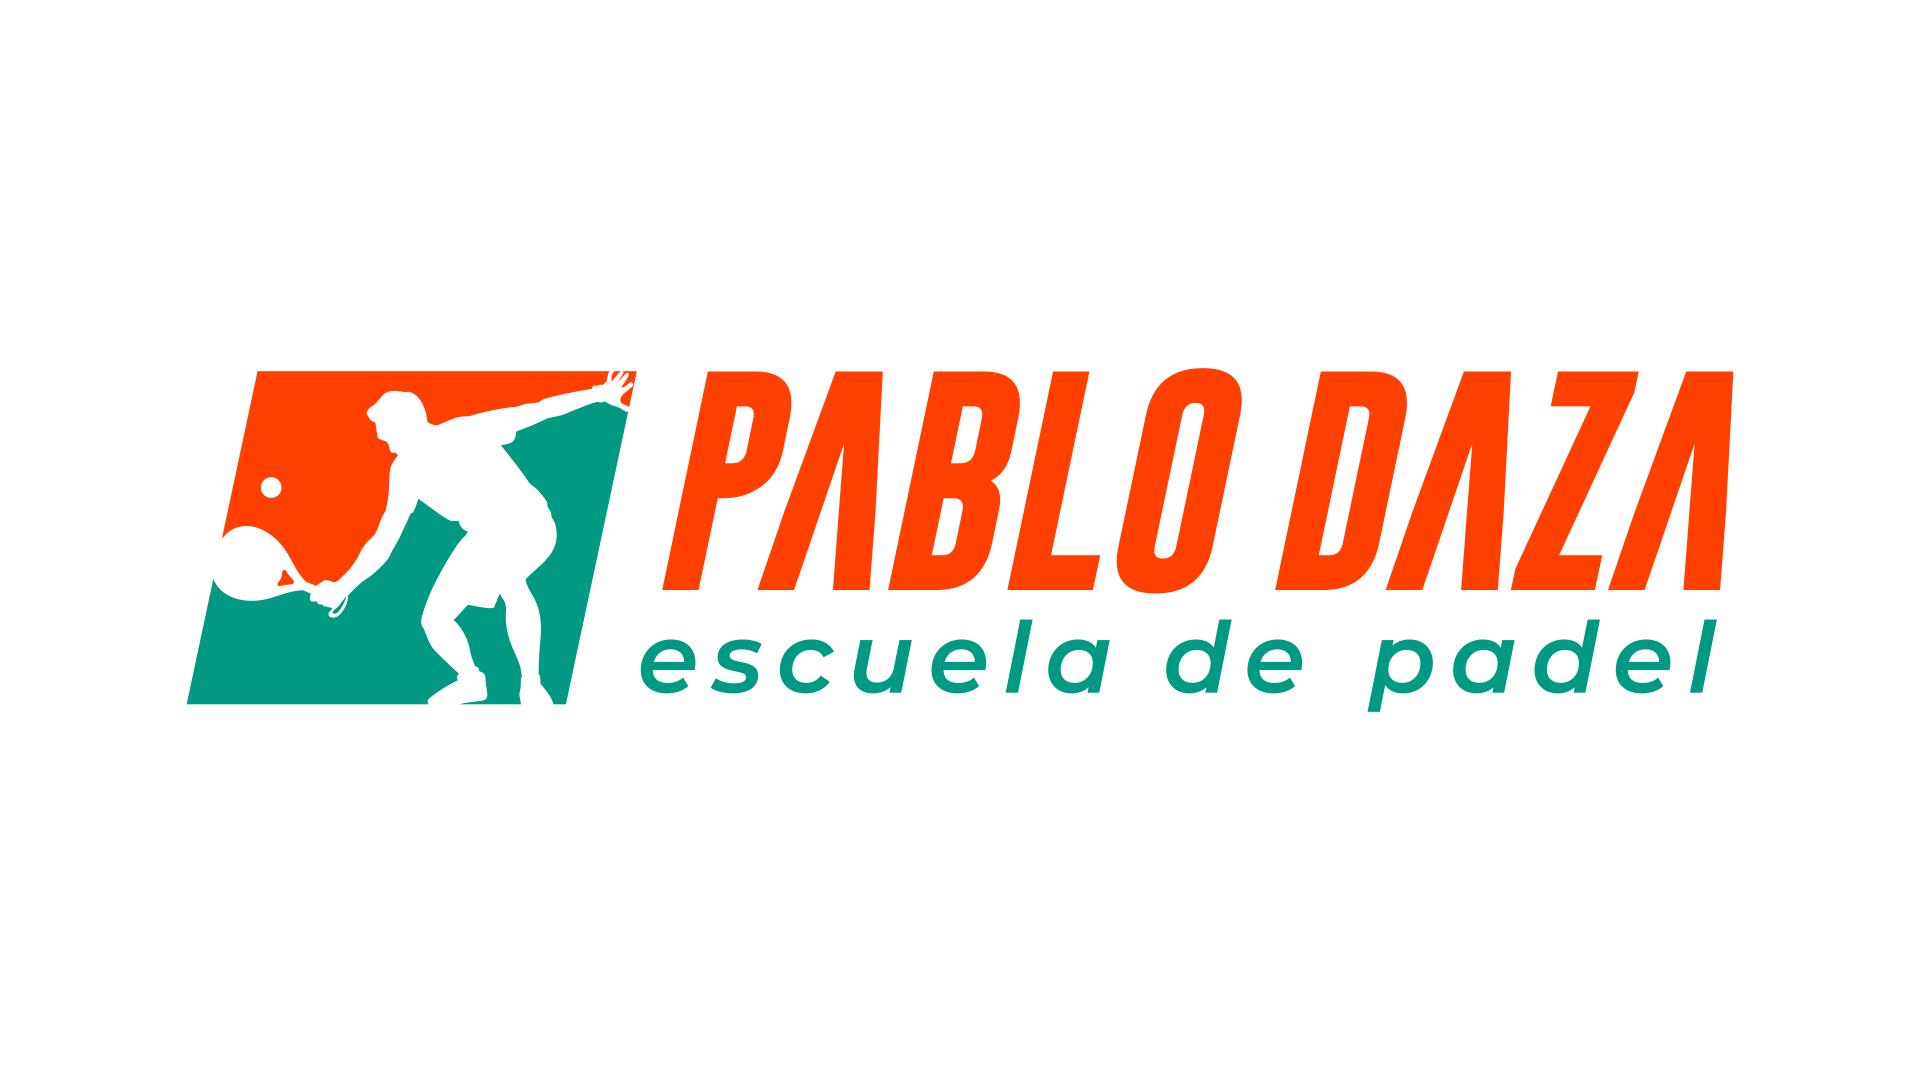 PABLO DAZA - Logotipo